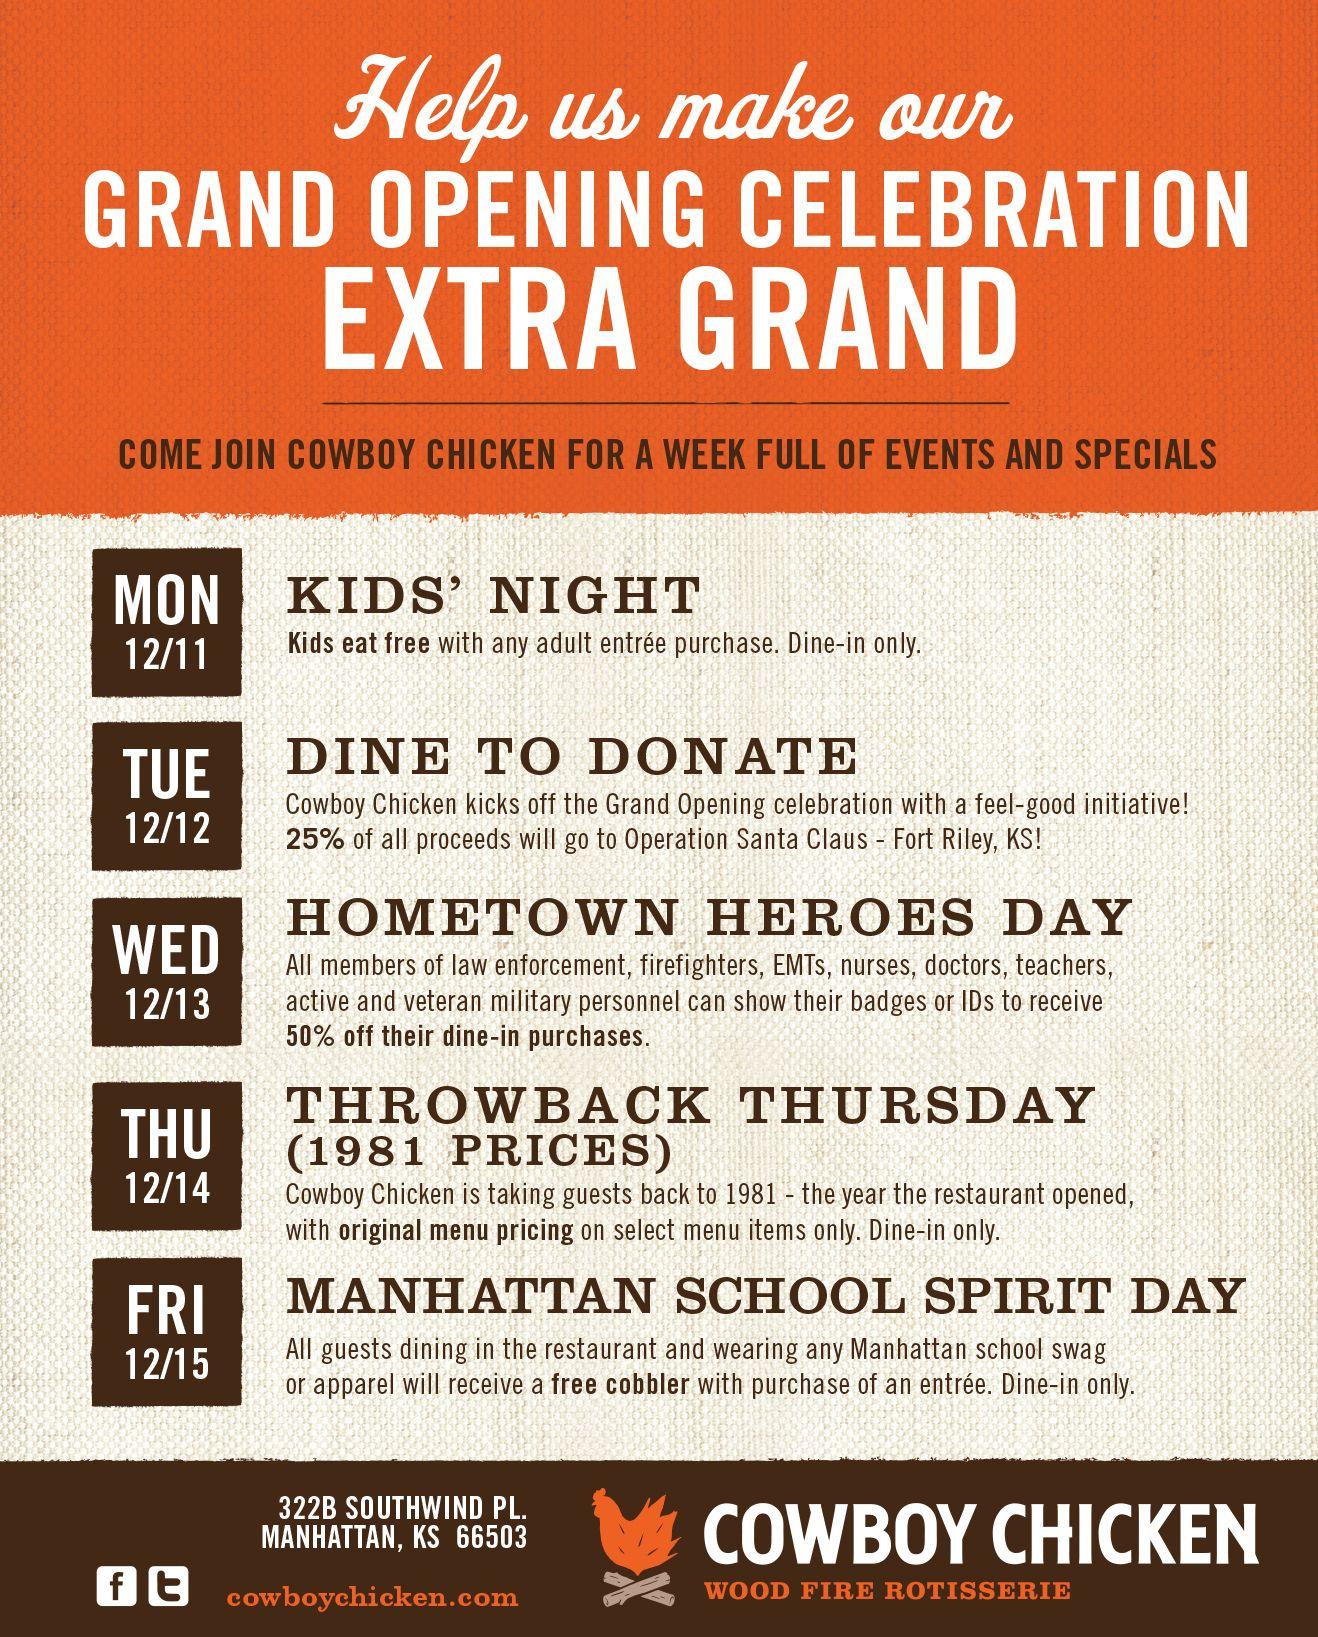 Cowboy Chicken in Manhattan Hosts Weeklong Grand Opening Celebration Dec. 11-15